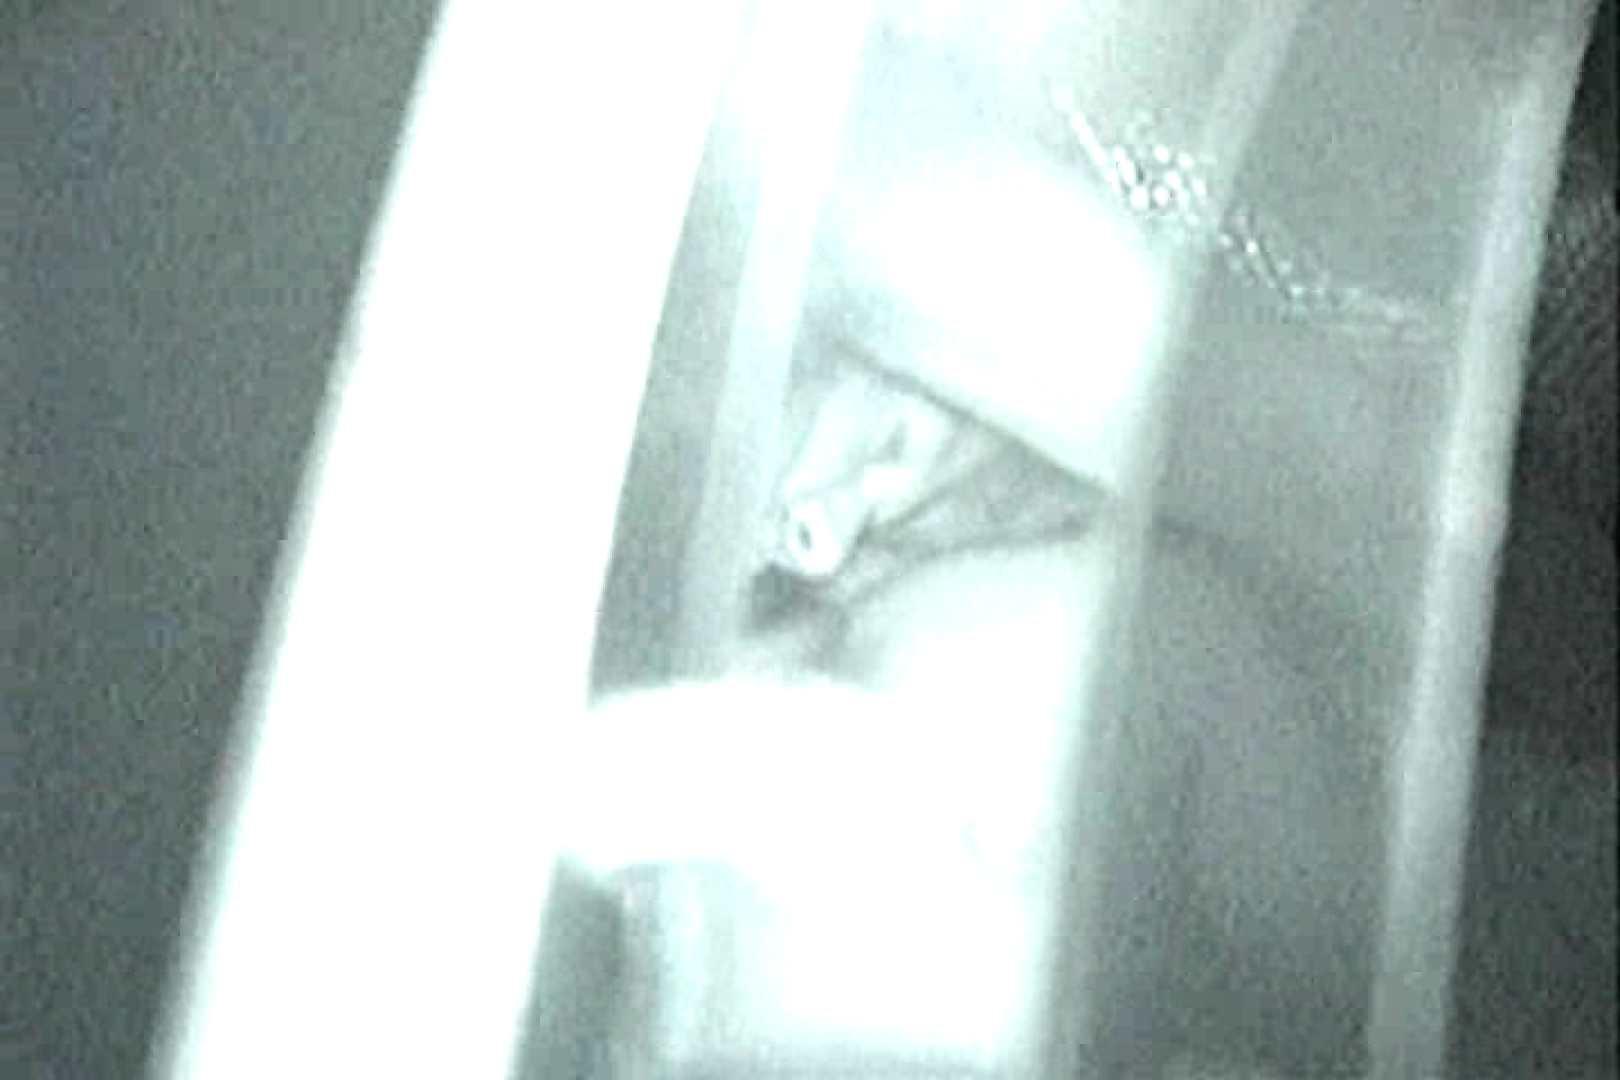 充血監督の深夜の運動会Vol.18 HなOL エロ画像 109pic 56